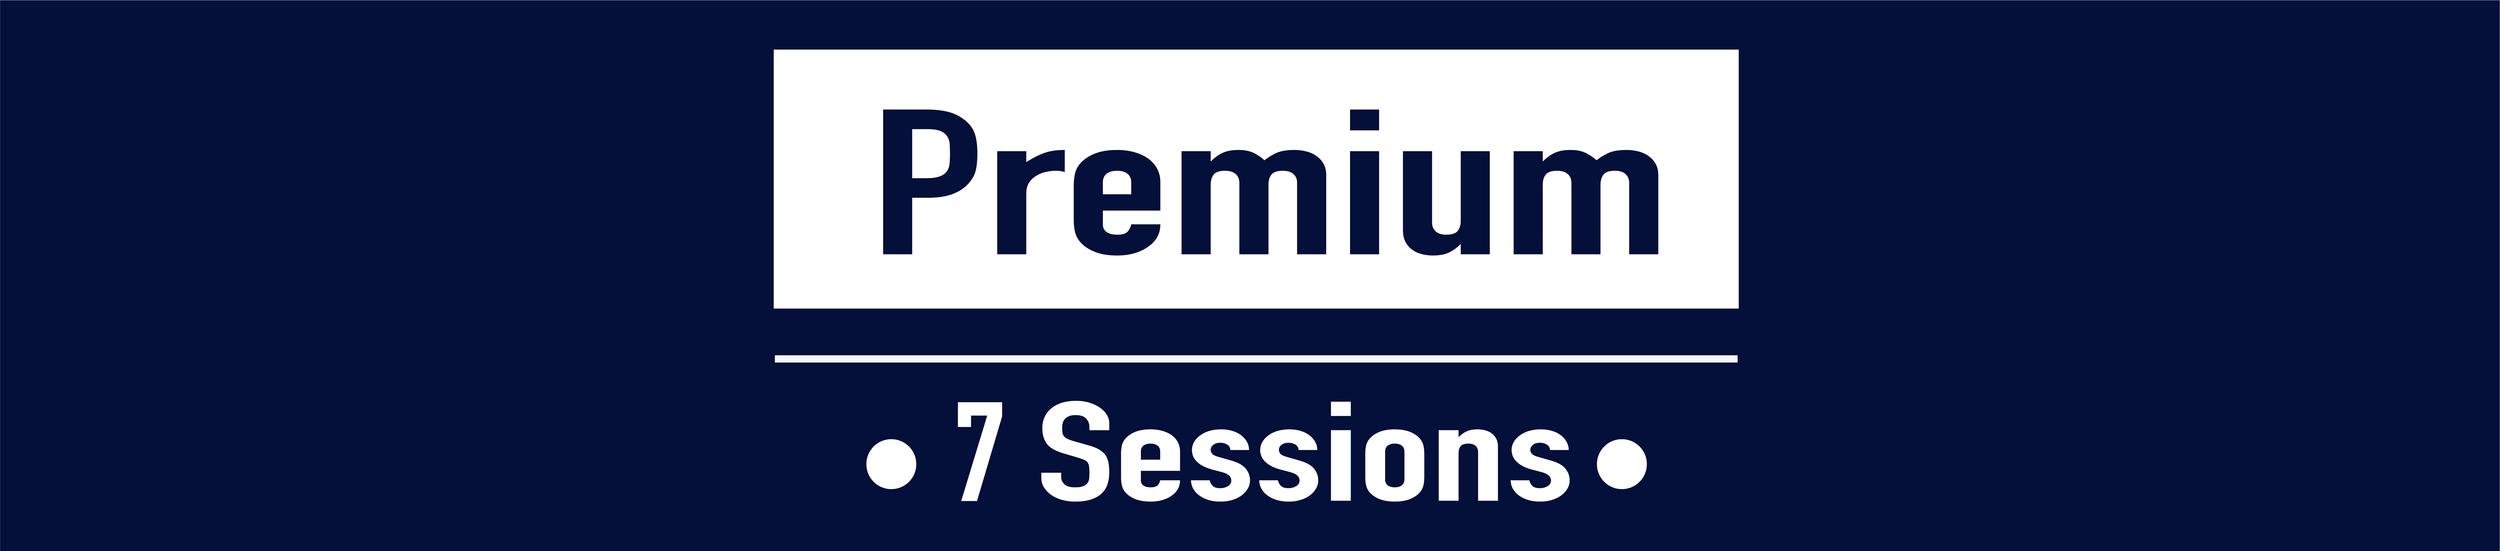 Premiumheader-02.png